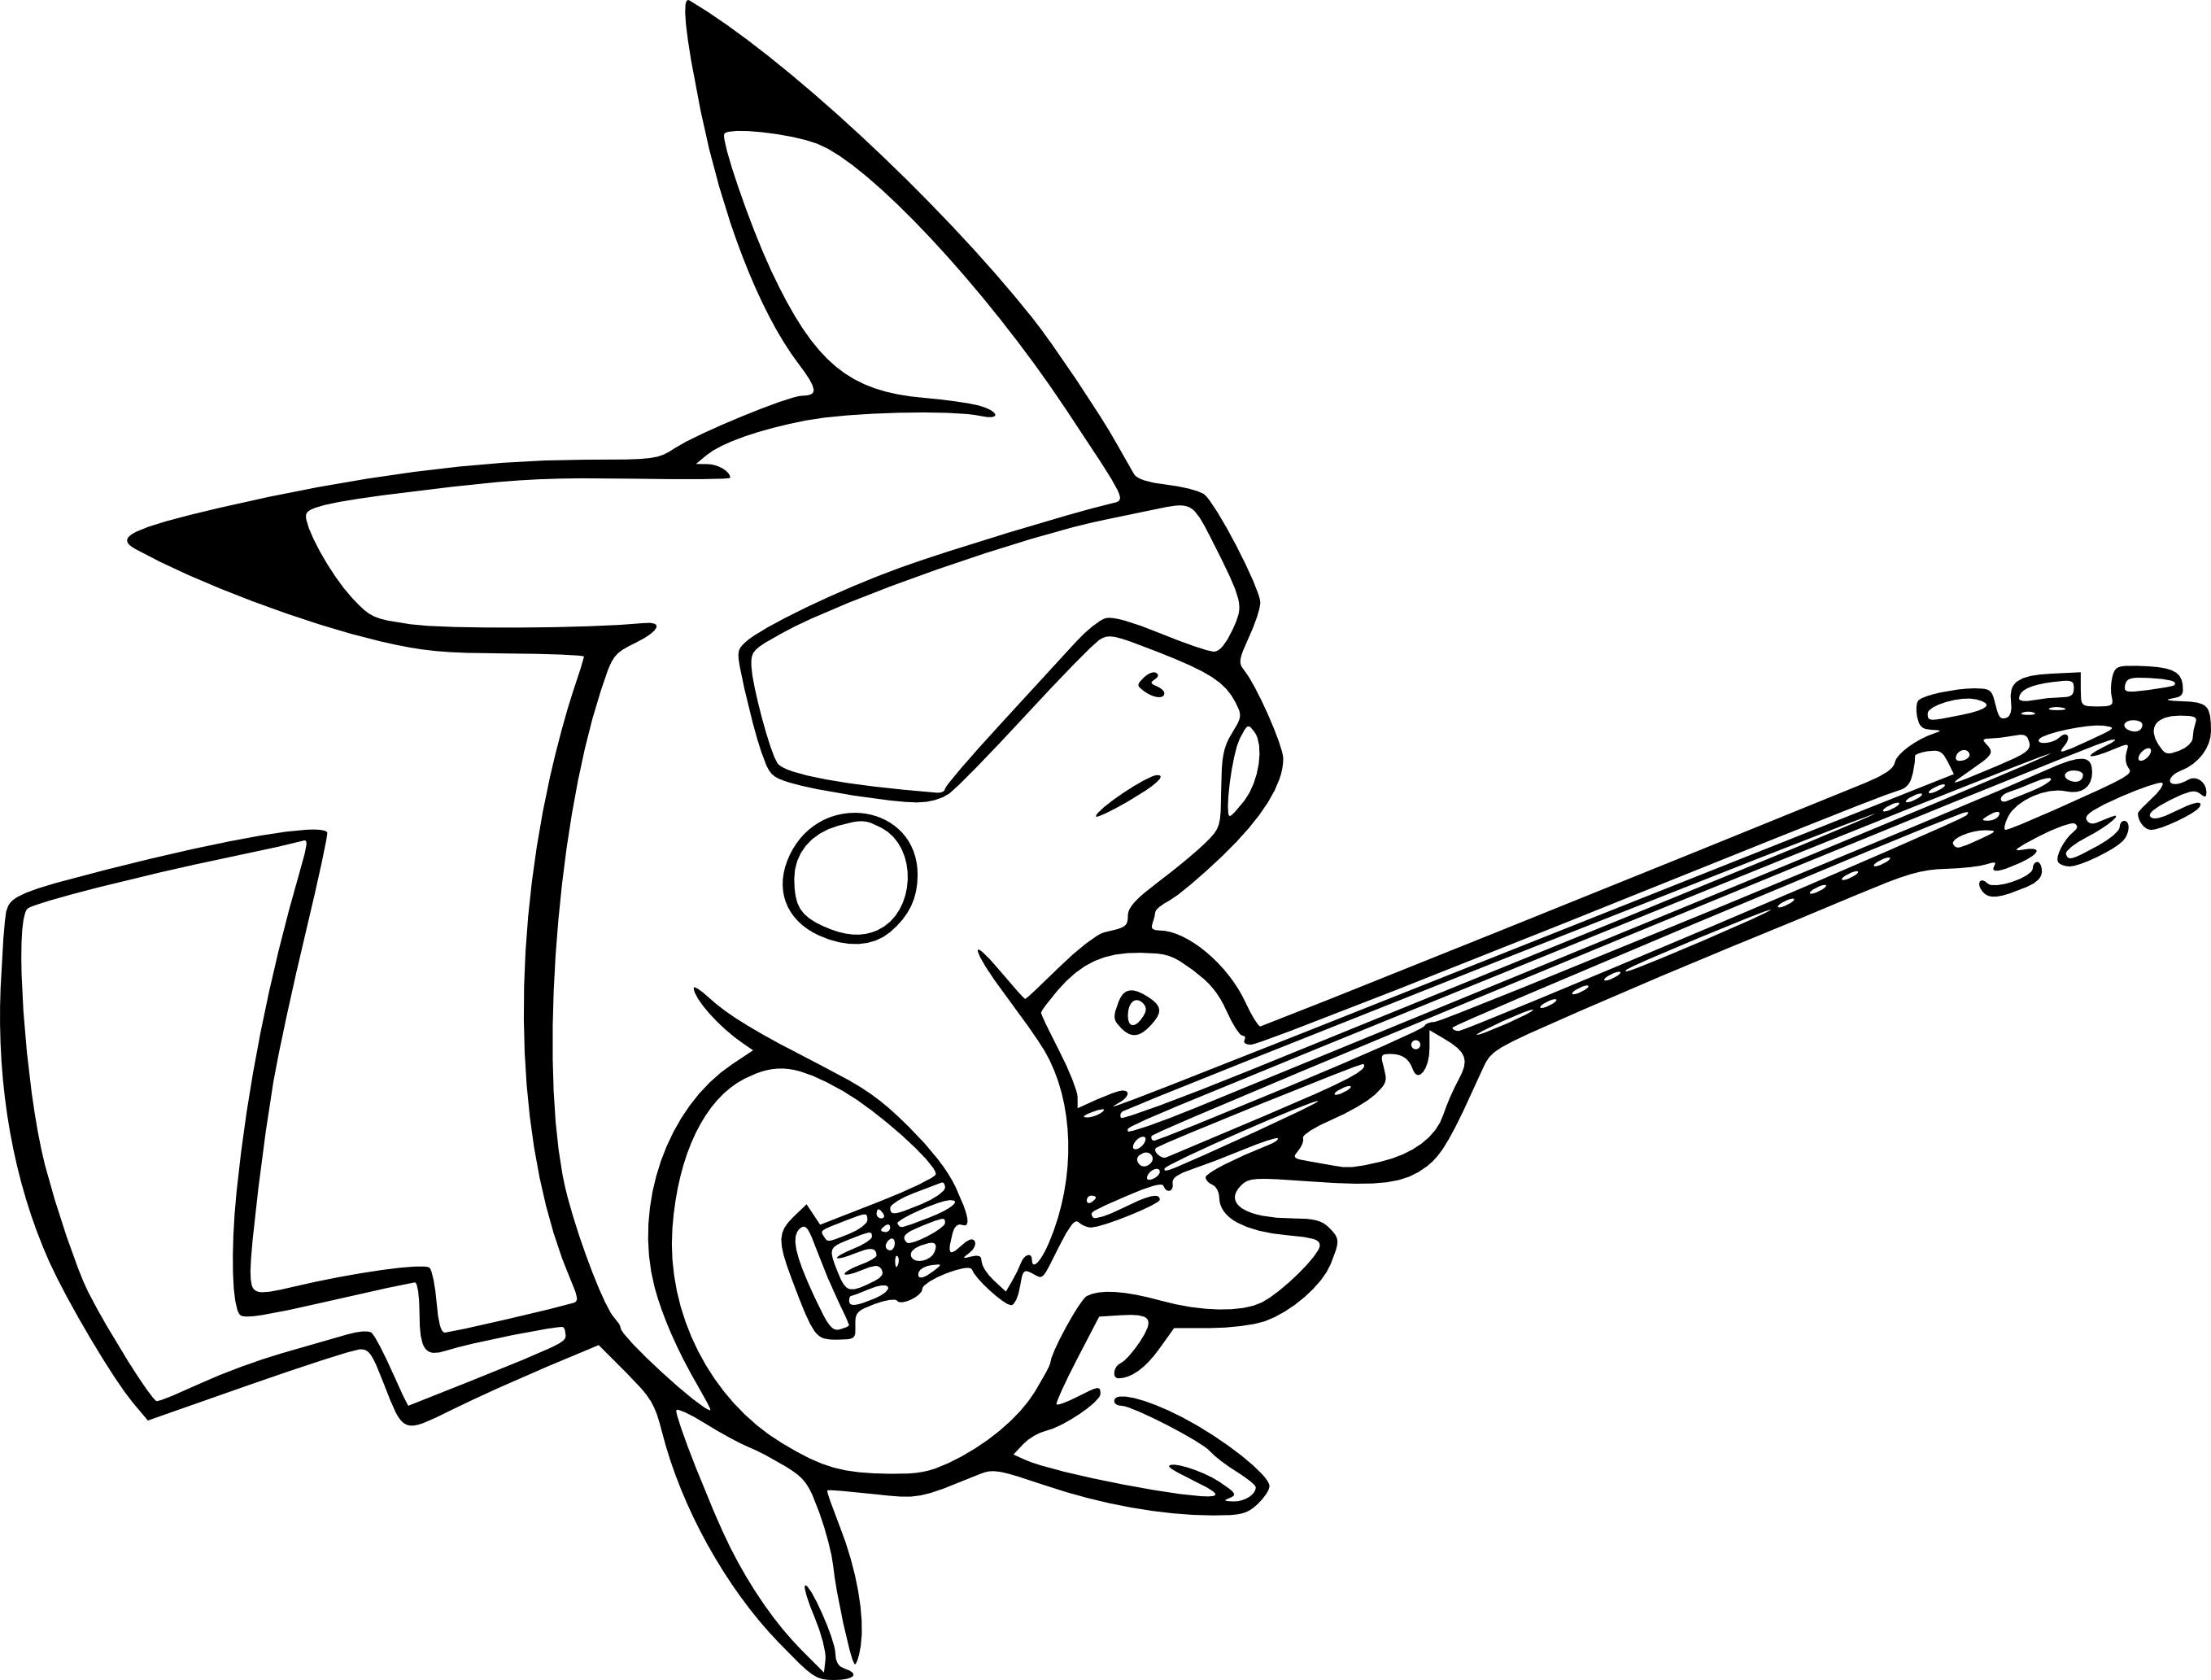 Coloriage Pikachu Avec Une Guitare À Imprimer destiné Coloriage De Pokemon A Imprimer Gratuitement